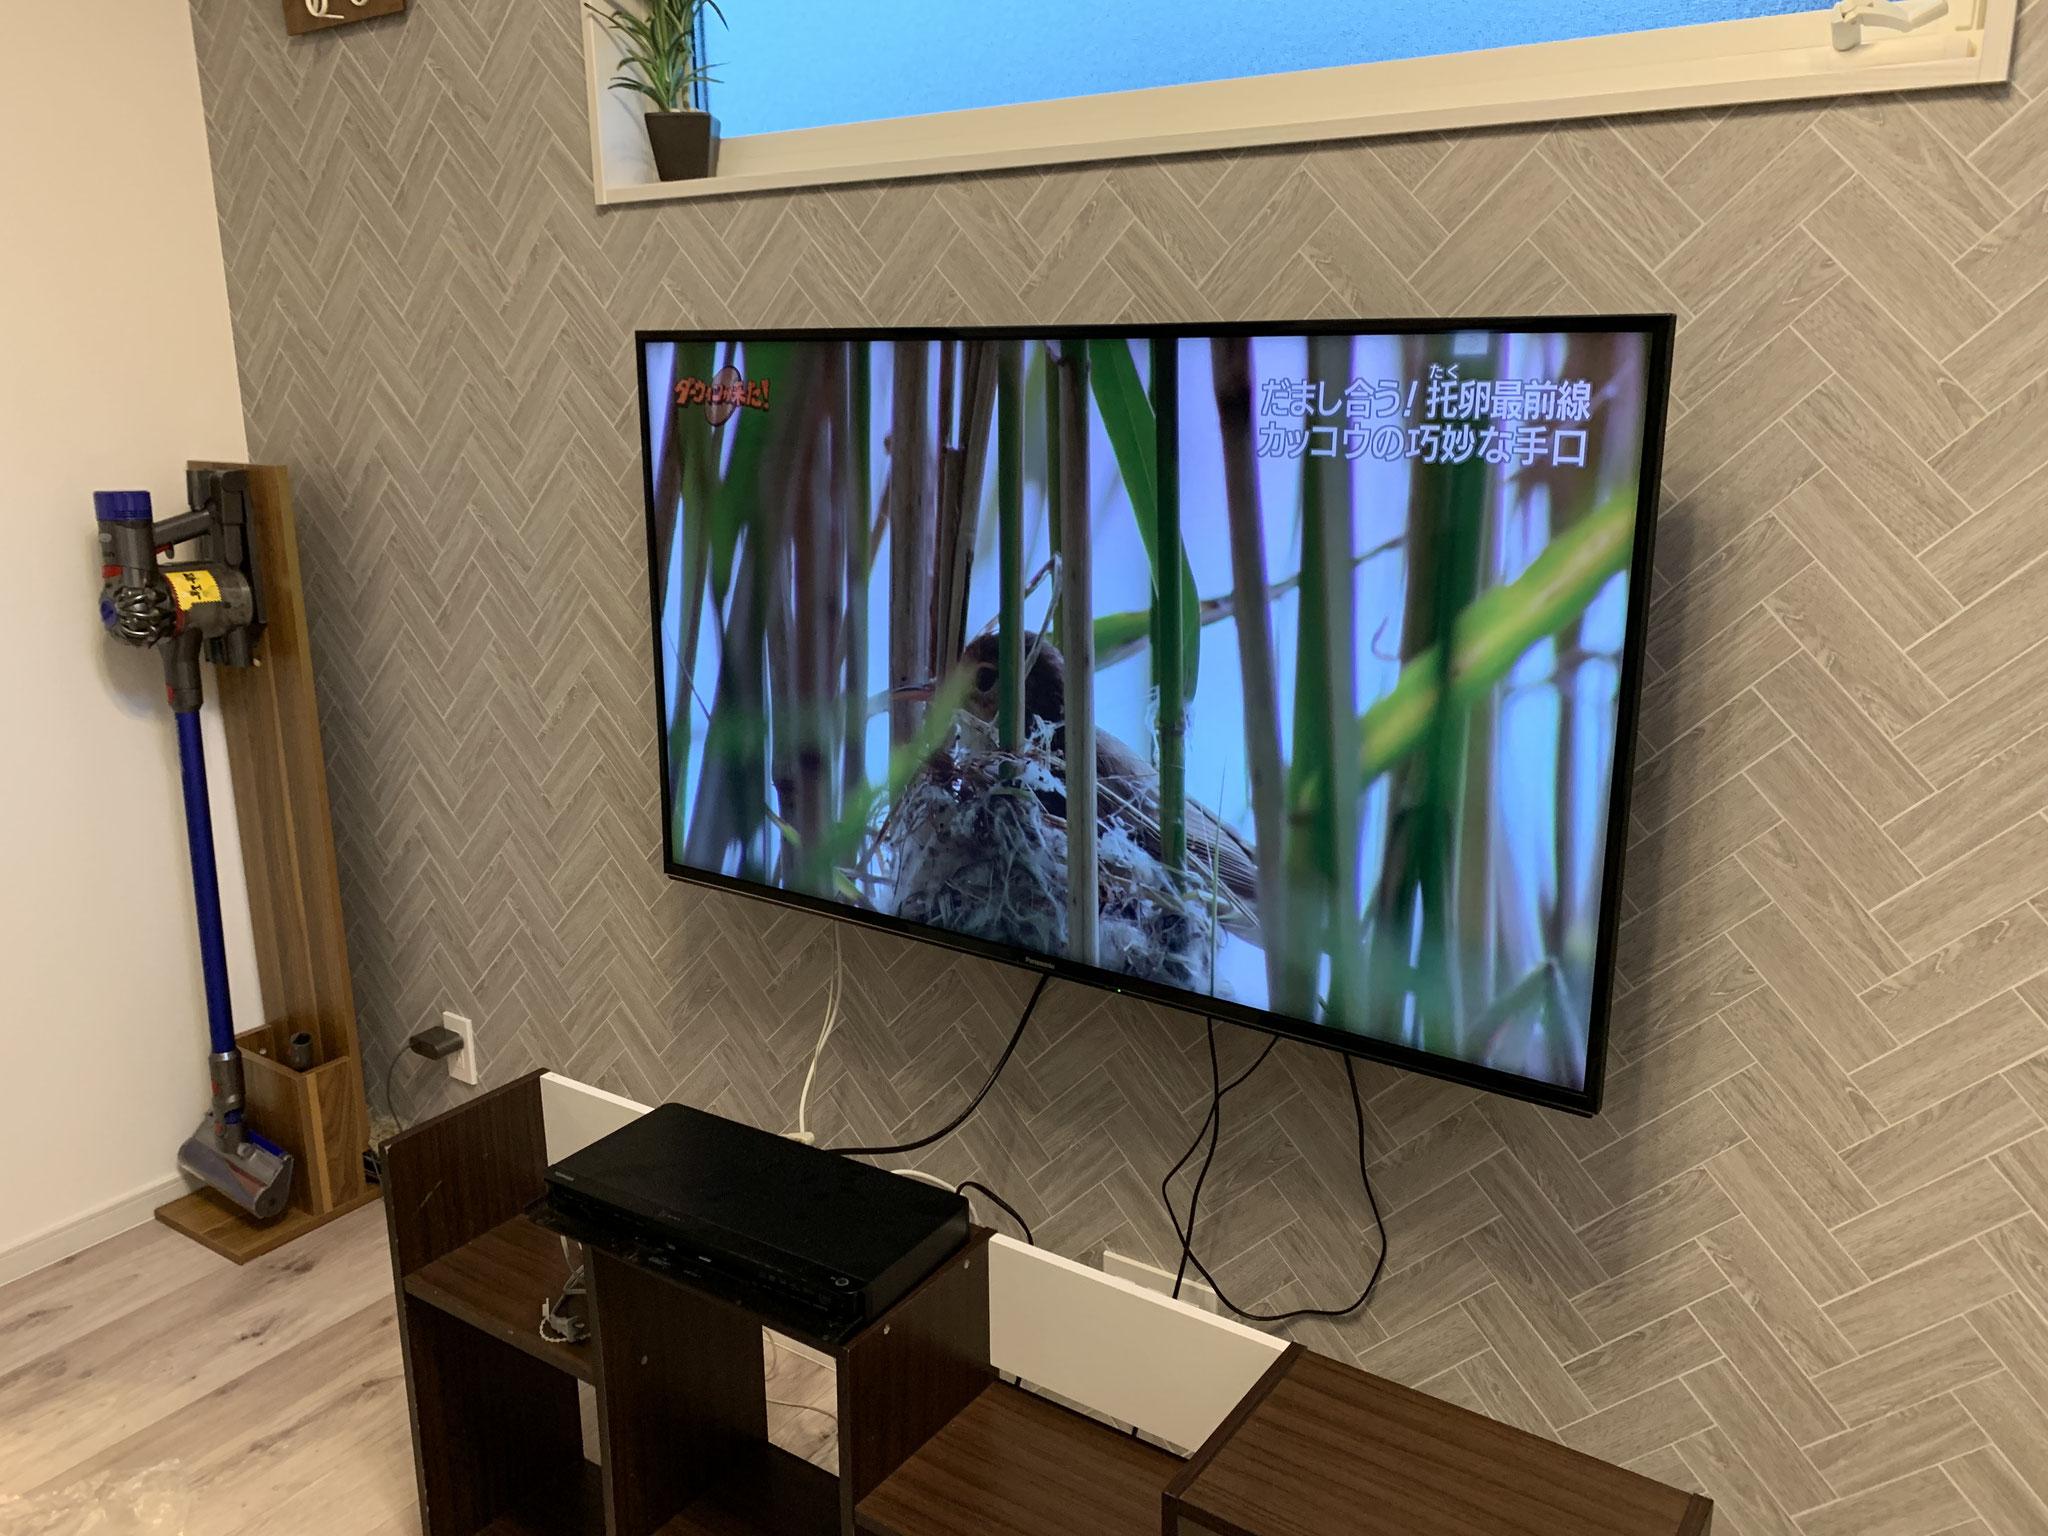 テレビ壁掛けの完成です。